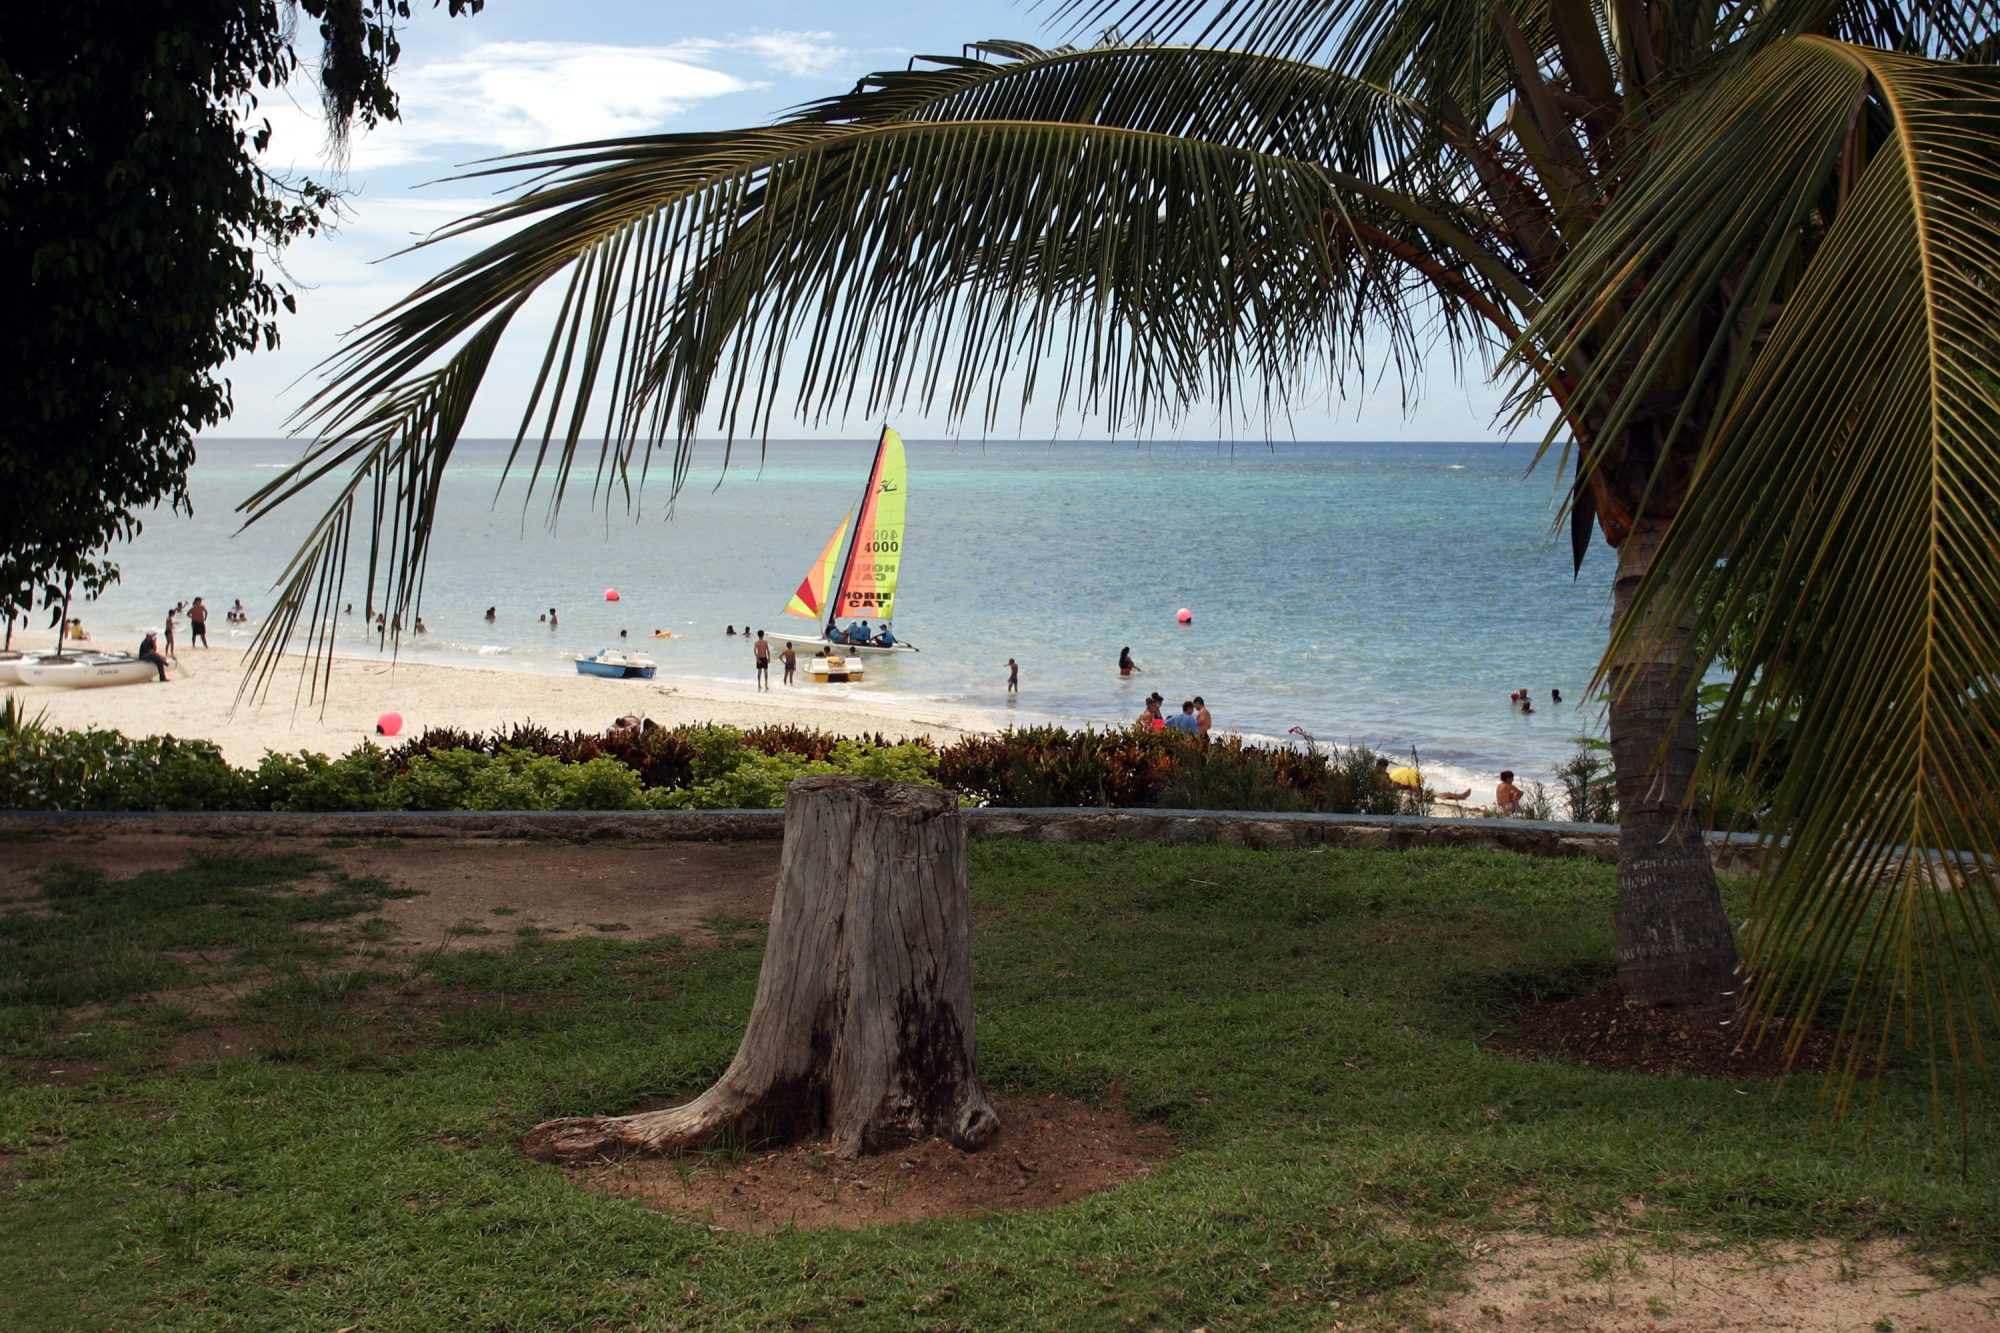 тропики пляж курорт отдых Куба море яхта